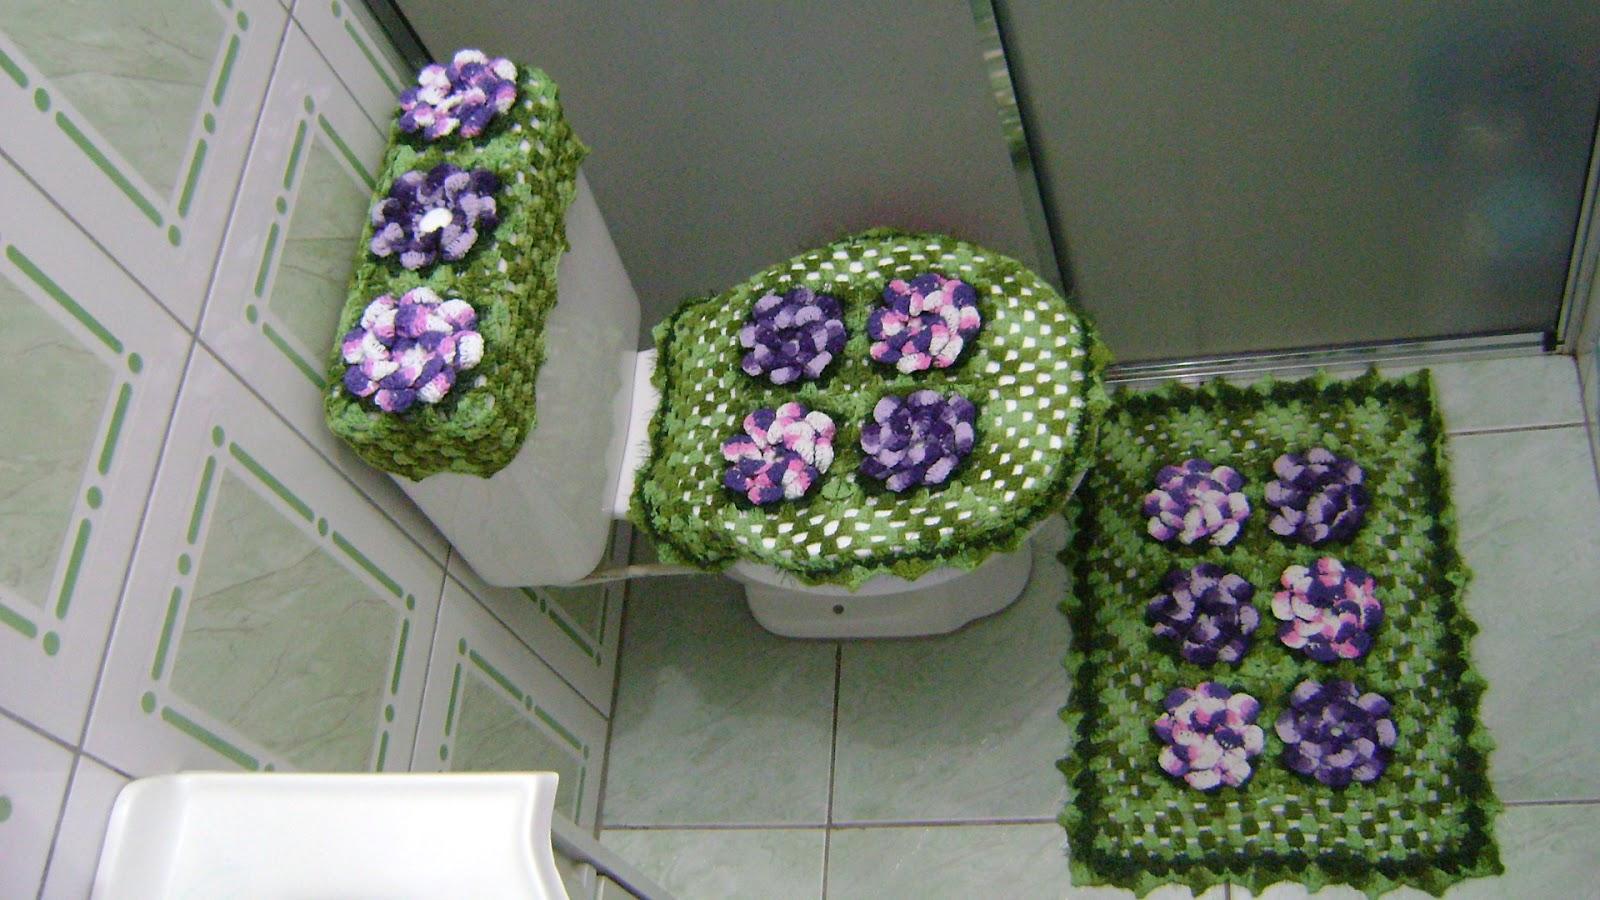 Imagens de #433868 Armarinhos Ursula: Jogo de Banheiro Verde e Roxo Feito por Ursula 1600x900 px 2764 Box Banheiro Novo Hamburgo Rs